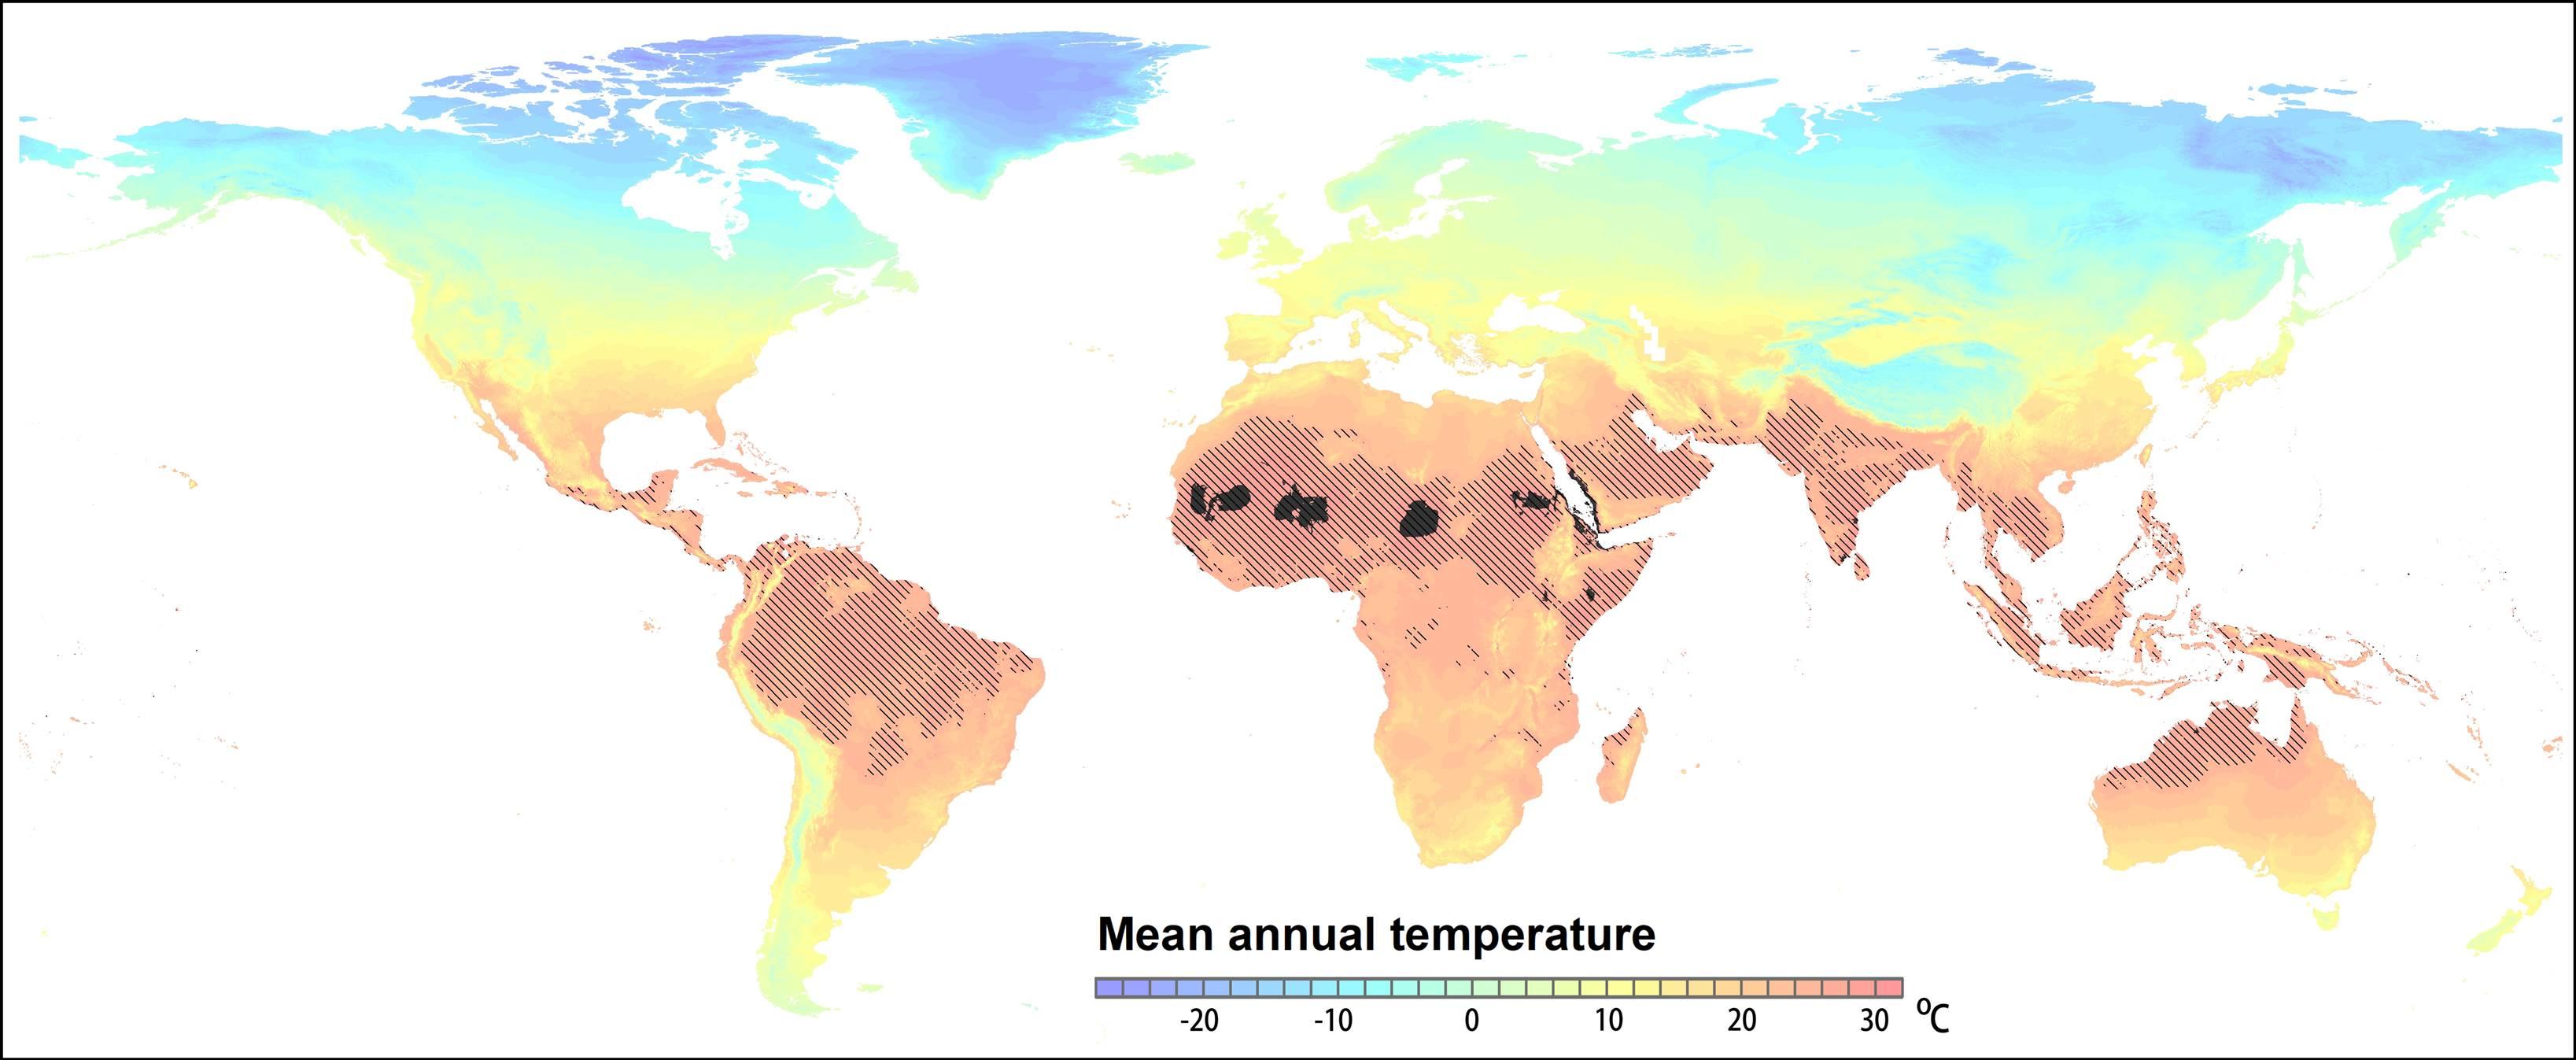 Si no se contienen las emisiones de gases de efecto invernadero, las temperaturas extremas que hoy se alcanzan en algunas zonas del desierto del Sáhara (señaladas en negro) se extenderán en 2050 al 19 por ciento de la superficie terrestre (marcadas en oscuro), donde viven 3.500 millones de personas. Los colores de fondo representan las temperaturas anuales promedio actuales. Crédito: PNAS. (Click sobre la imagen para ampliar).